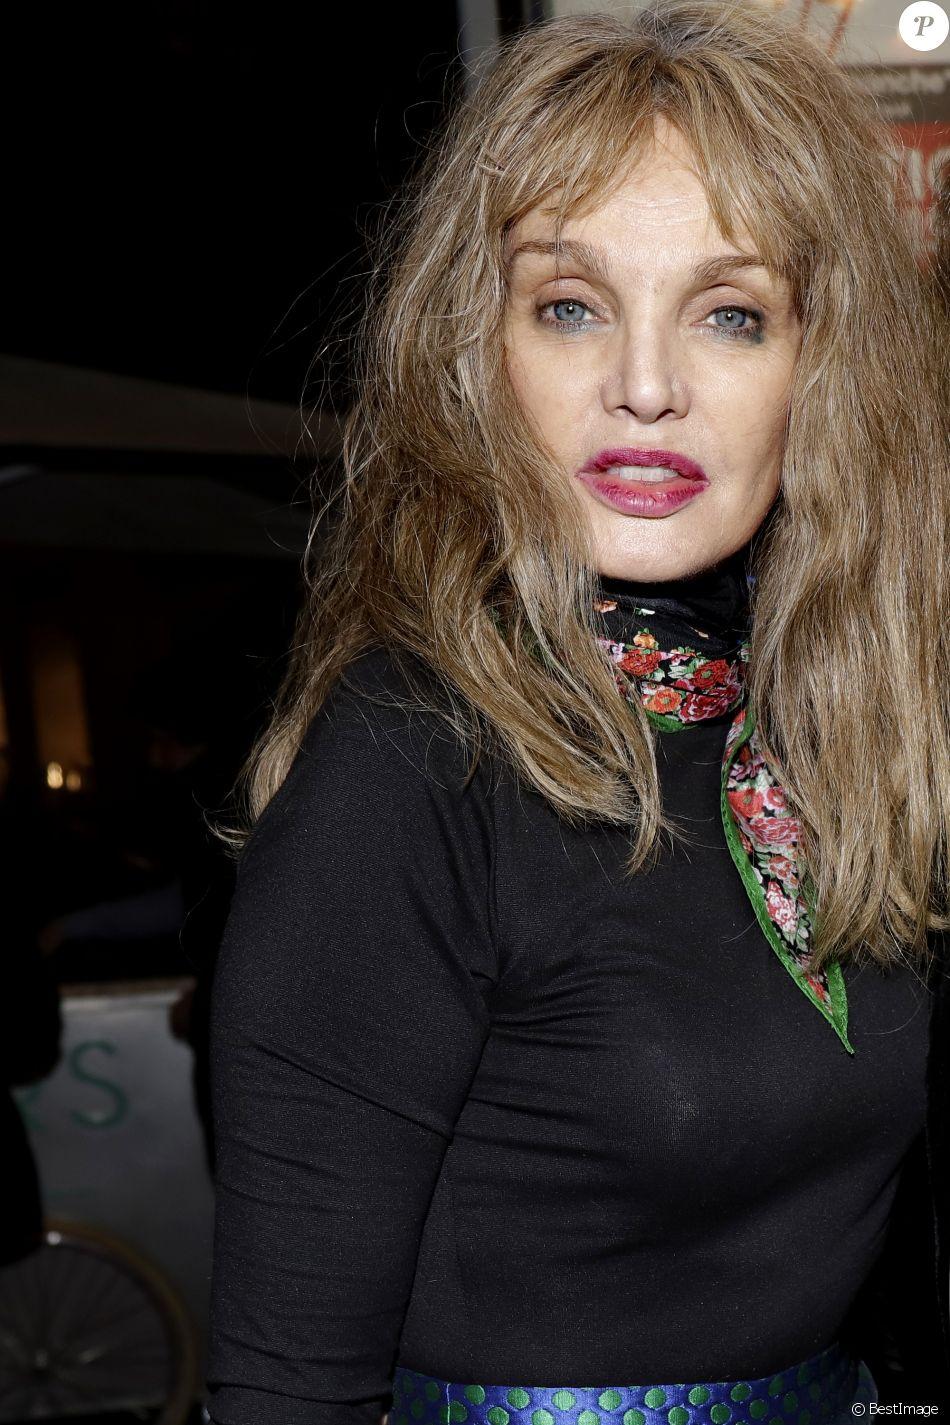 Exclusif - Arielle Dombasle lors de la soirée découverte de la ligne de soins de Marisa Berenson à Paris, France, le 1er mars 2017. © Cédric Perrin/Bestimage